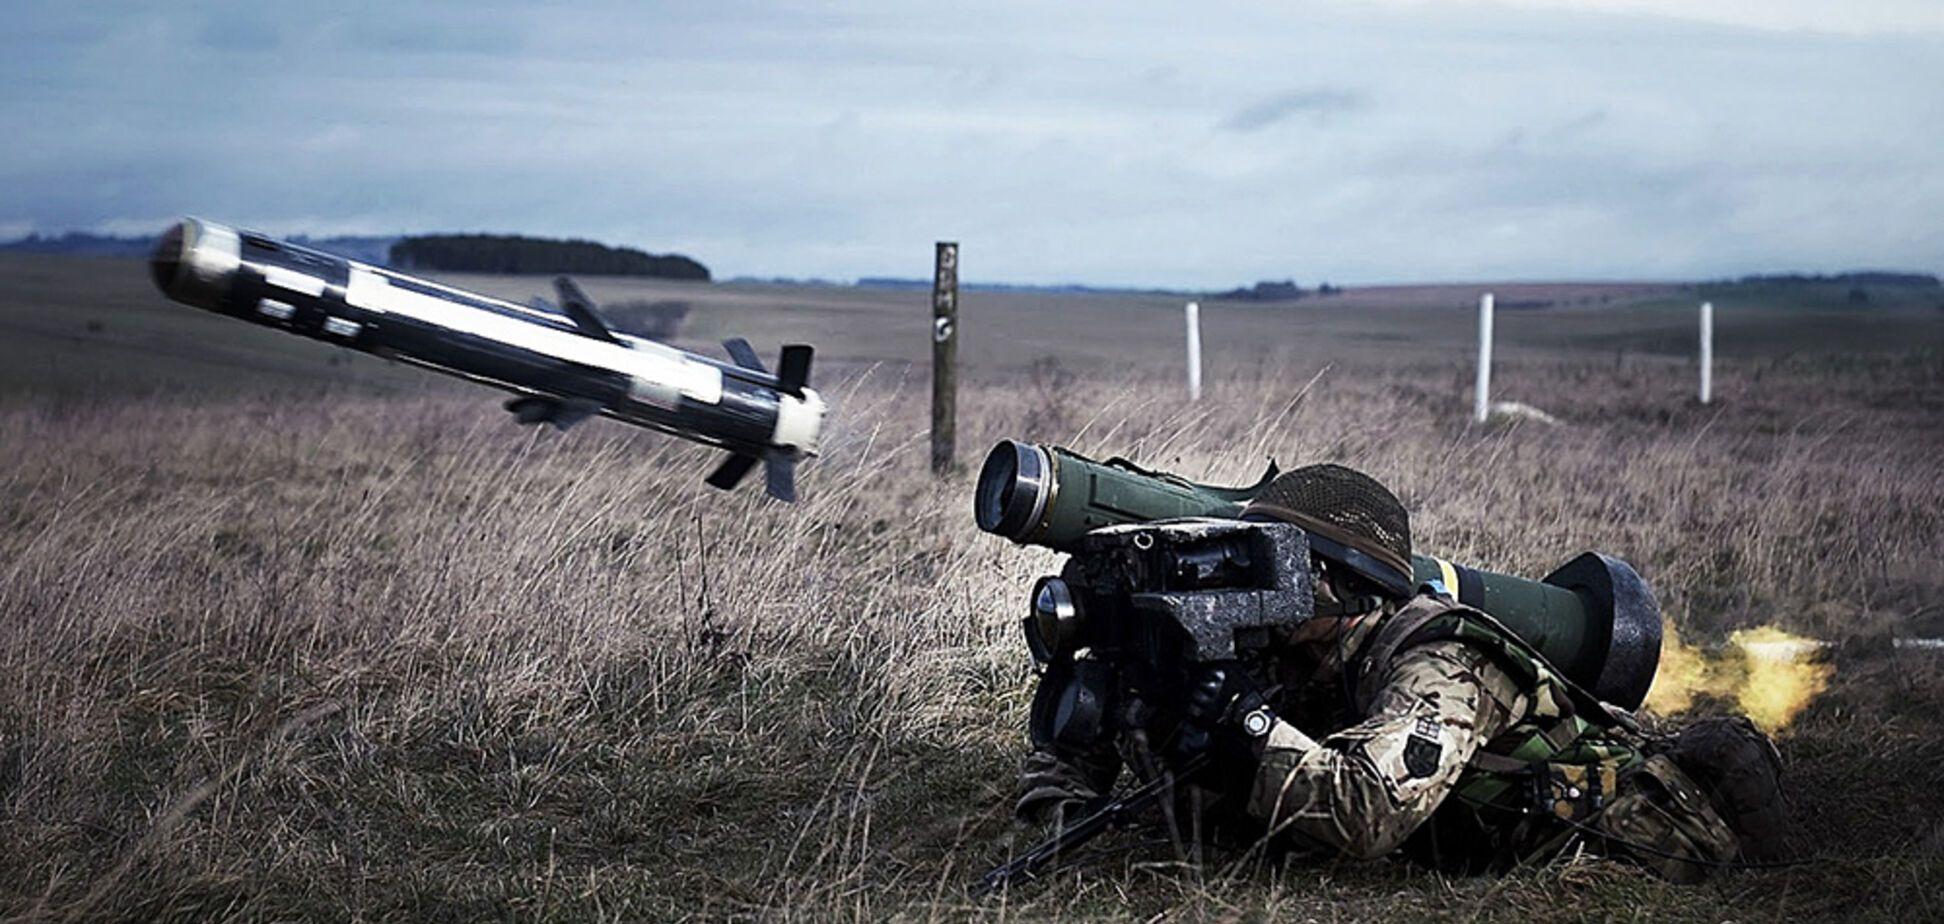 'Дійсно дуже небезпечно': названі 3 побоювання США щодо летальної зброї для України